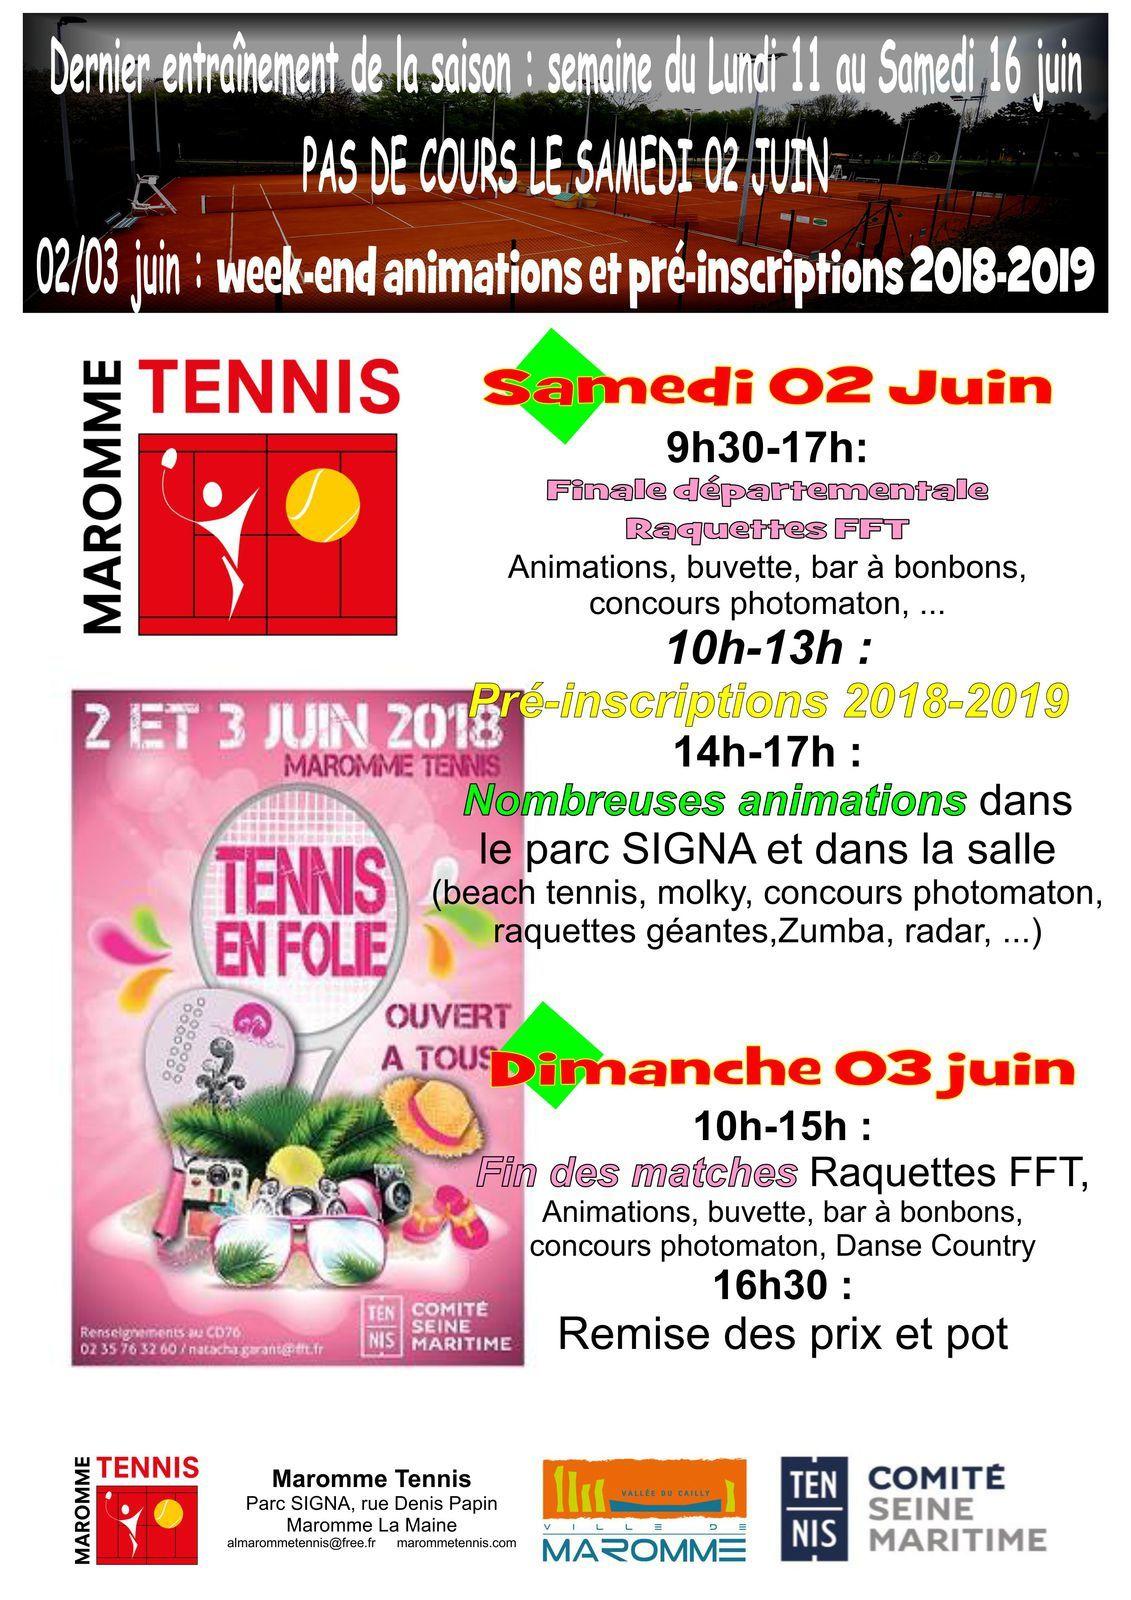 Week-end de folie les 02 et 03 juin à Maromme Tennis !